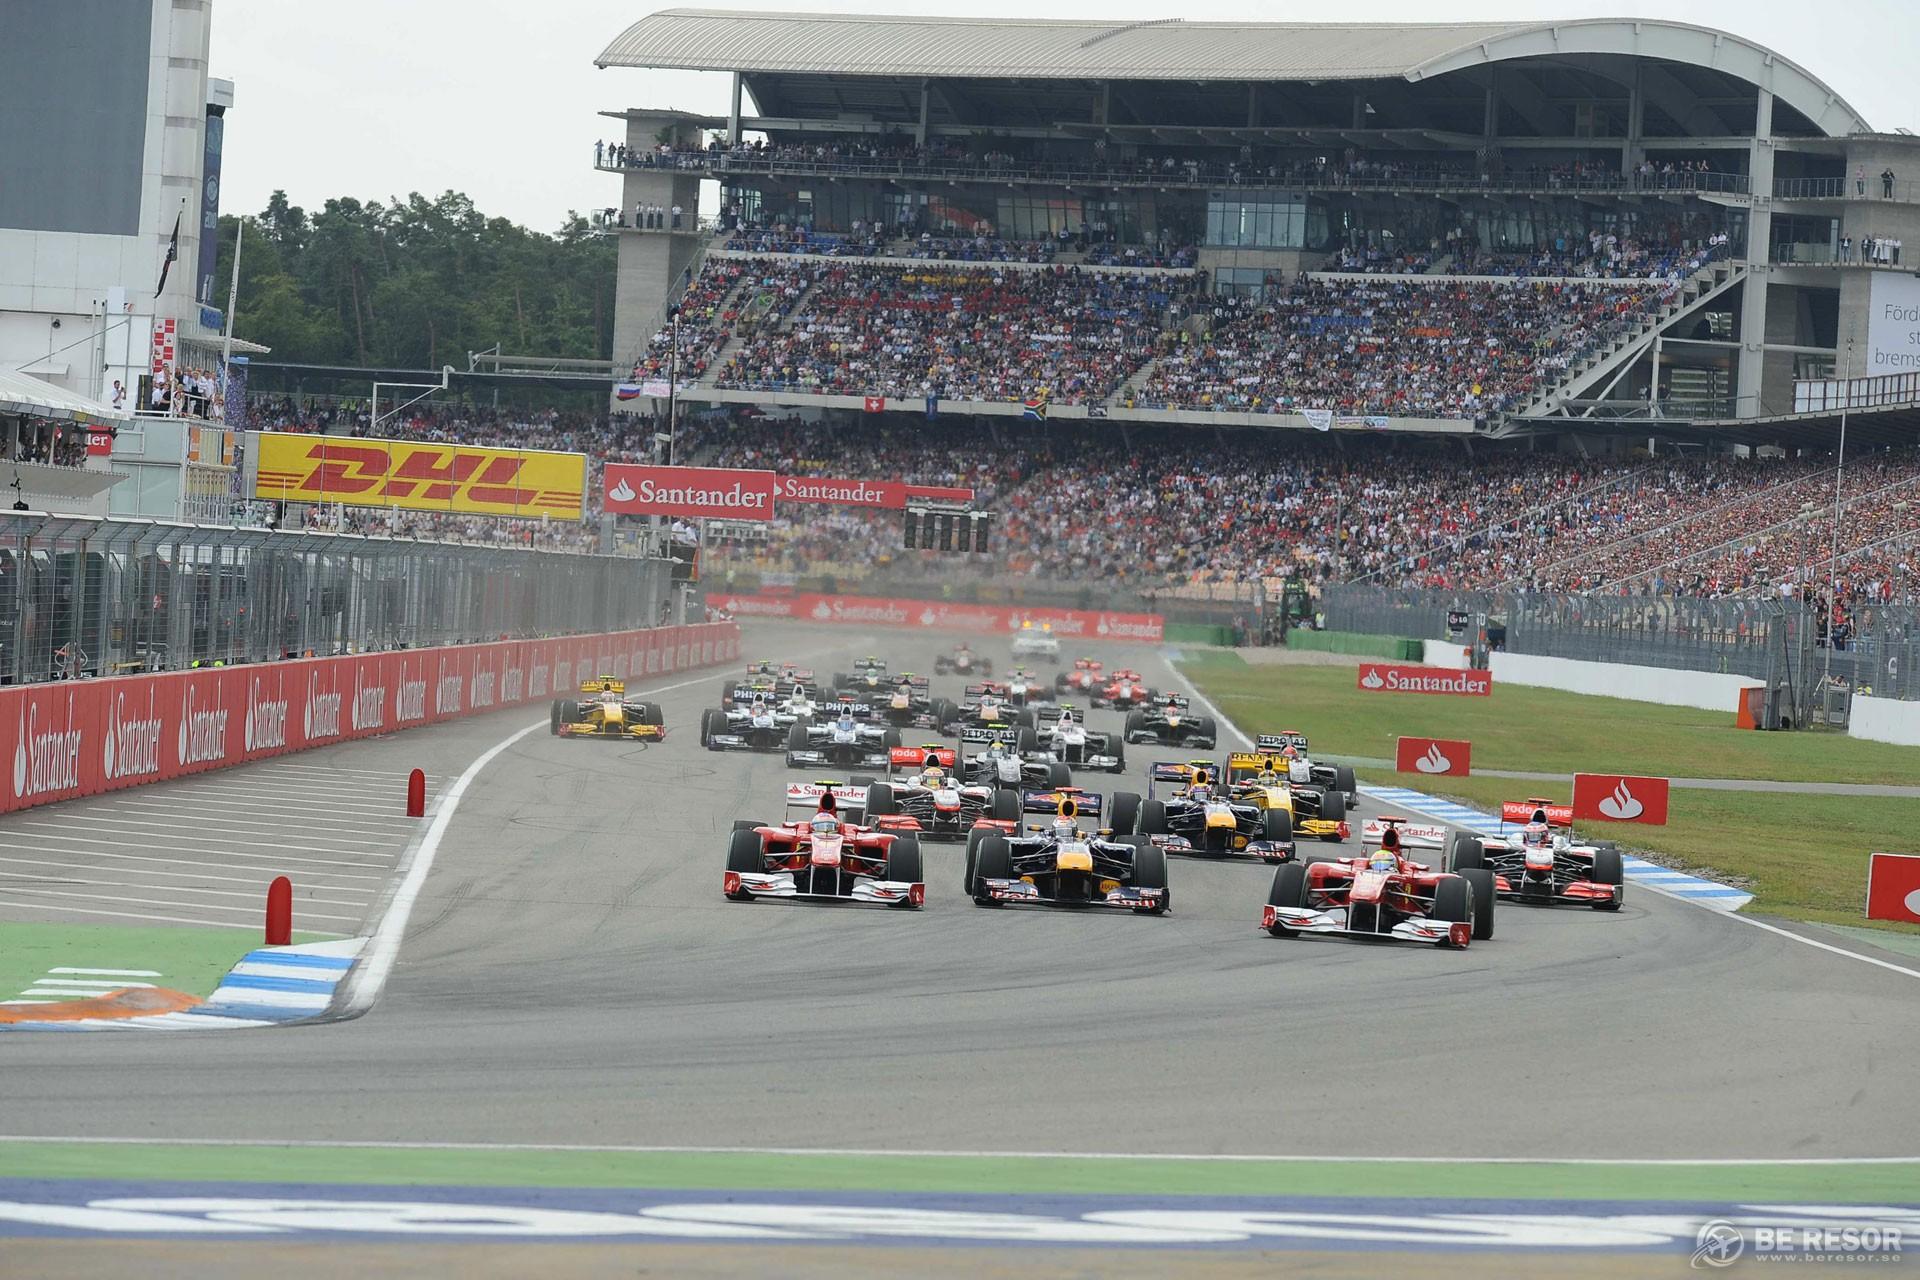 Formel 1 resa till Tyskland - Hockenheim